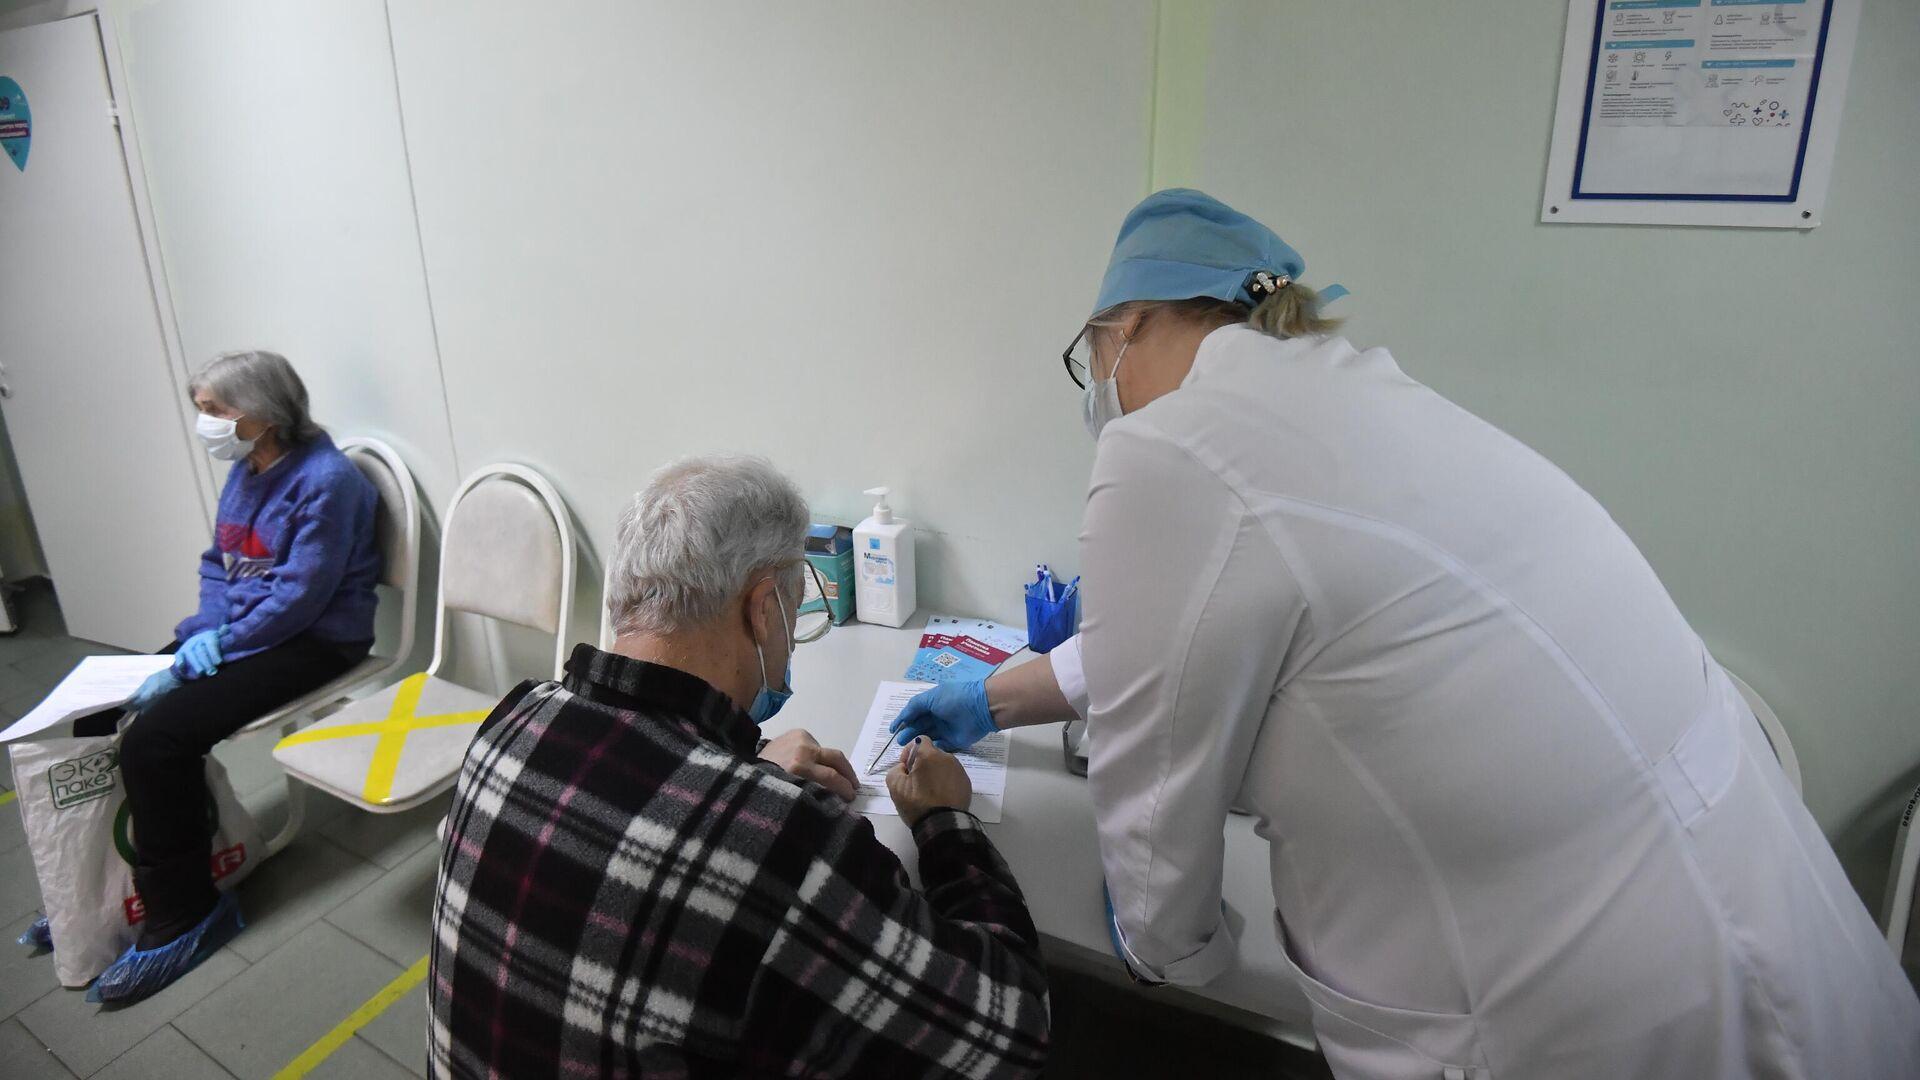 Вакцинация от COVID-19 в Москве - РИА Новости, 1920, 16.01.2021